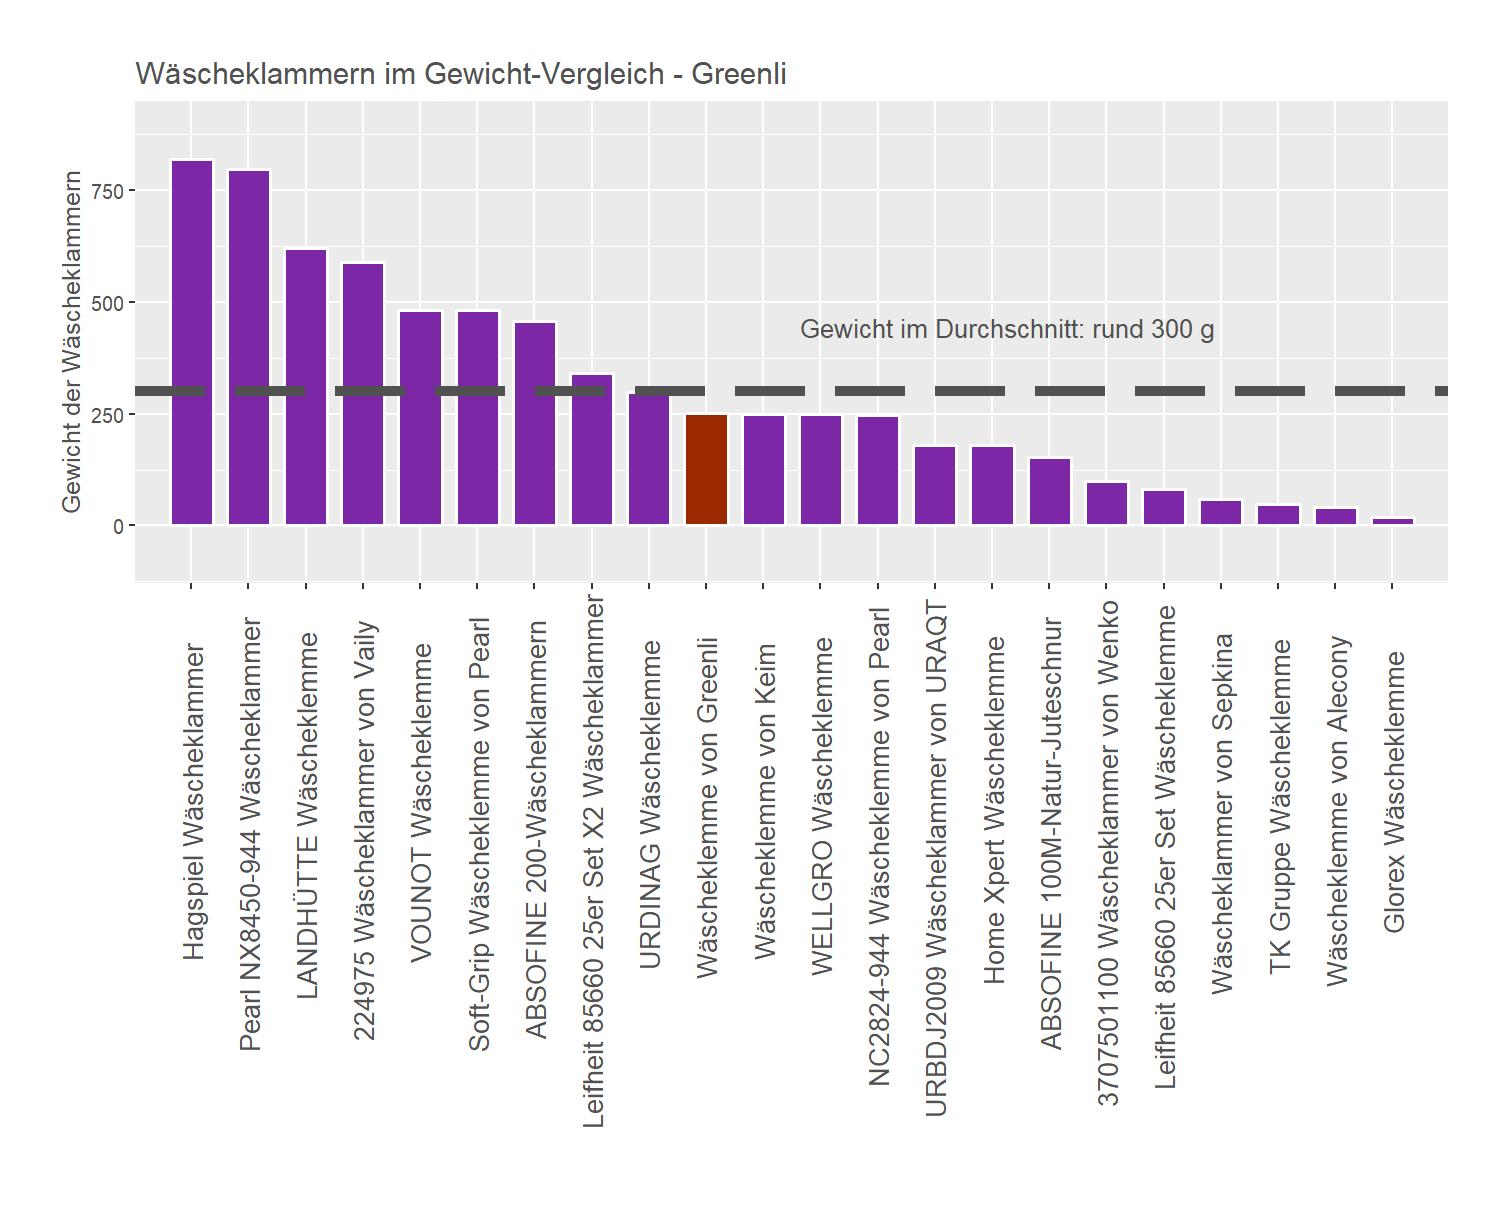 Gewicht-Vergleich von der Greenli Wäscheklammer